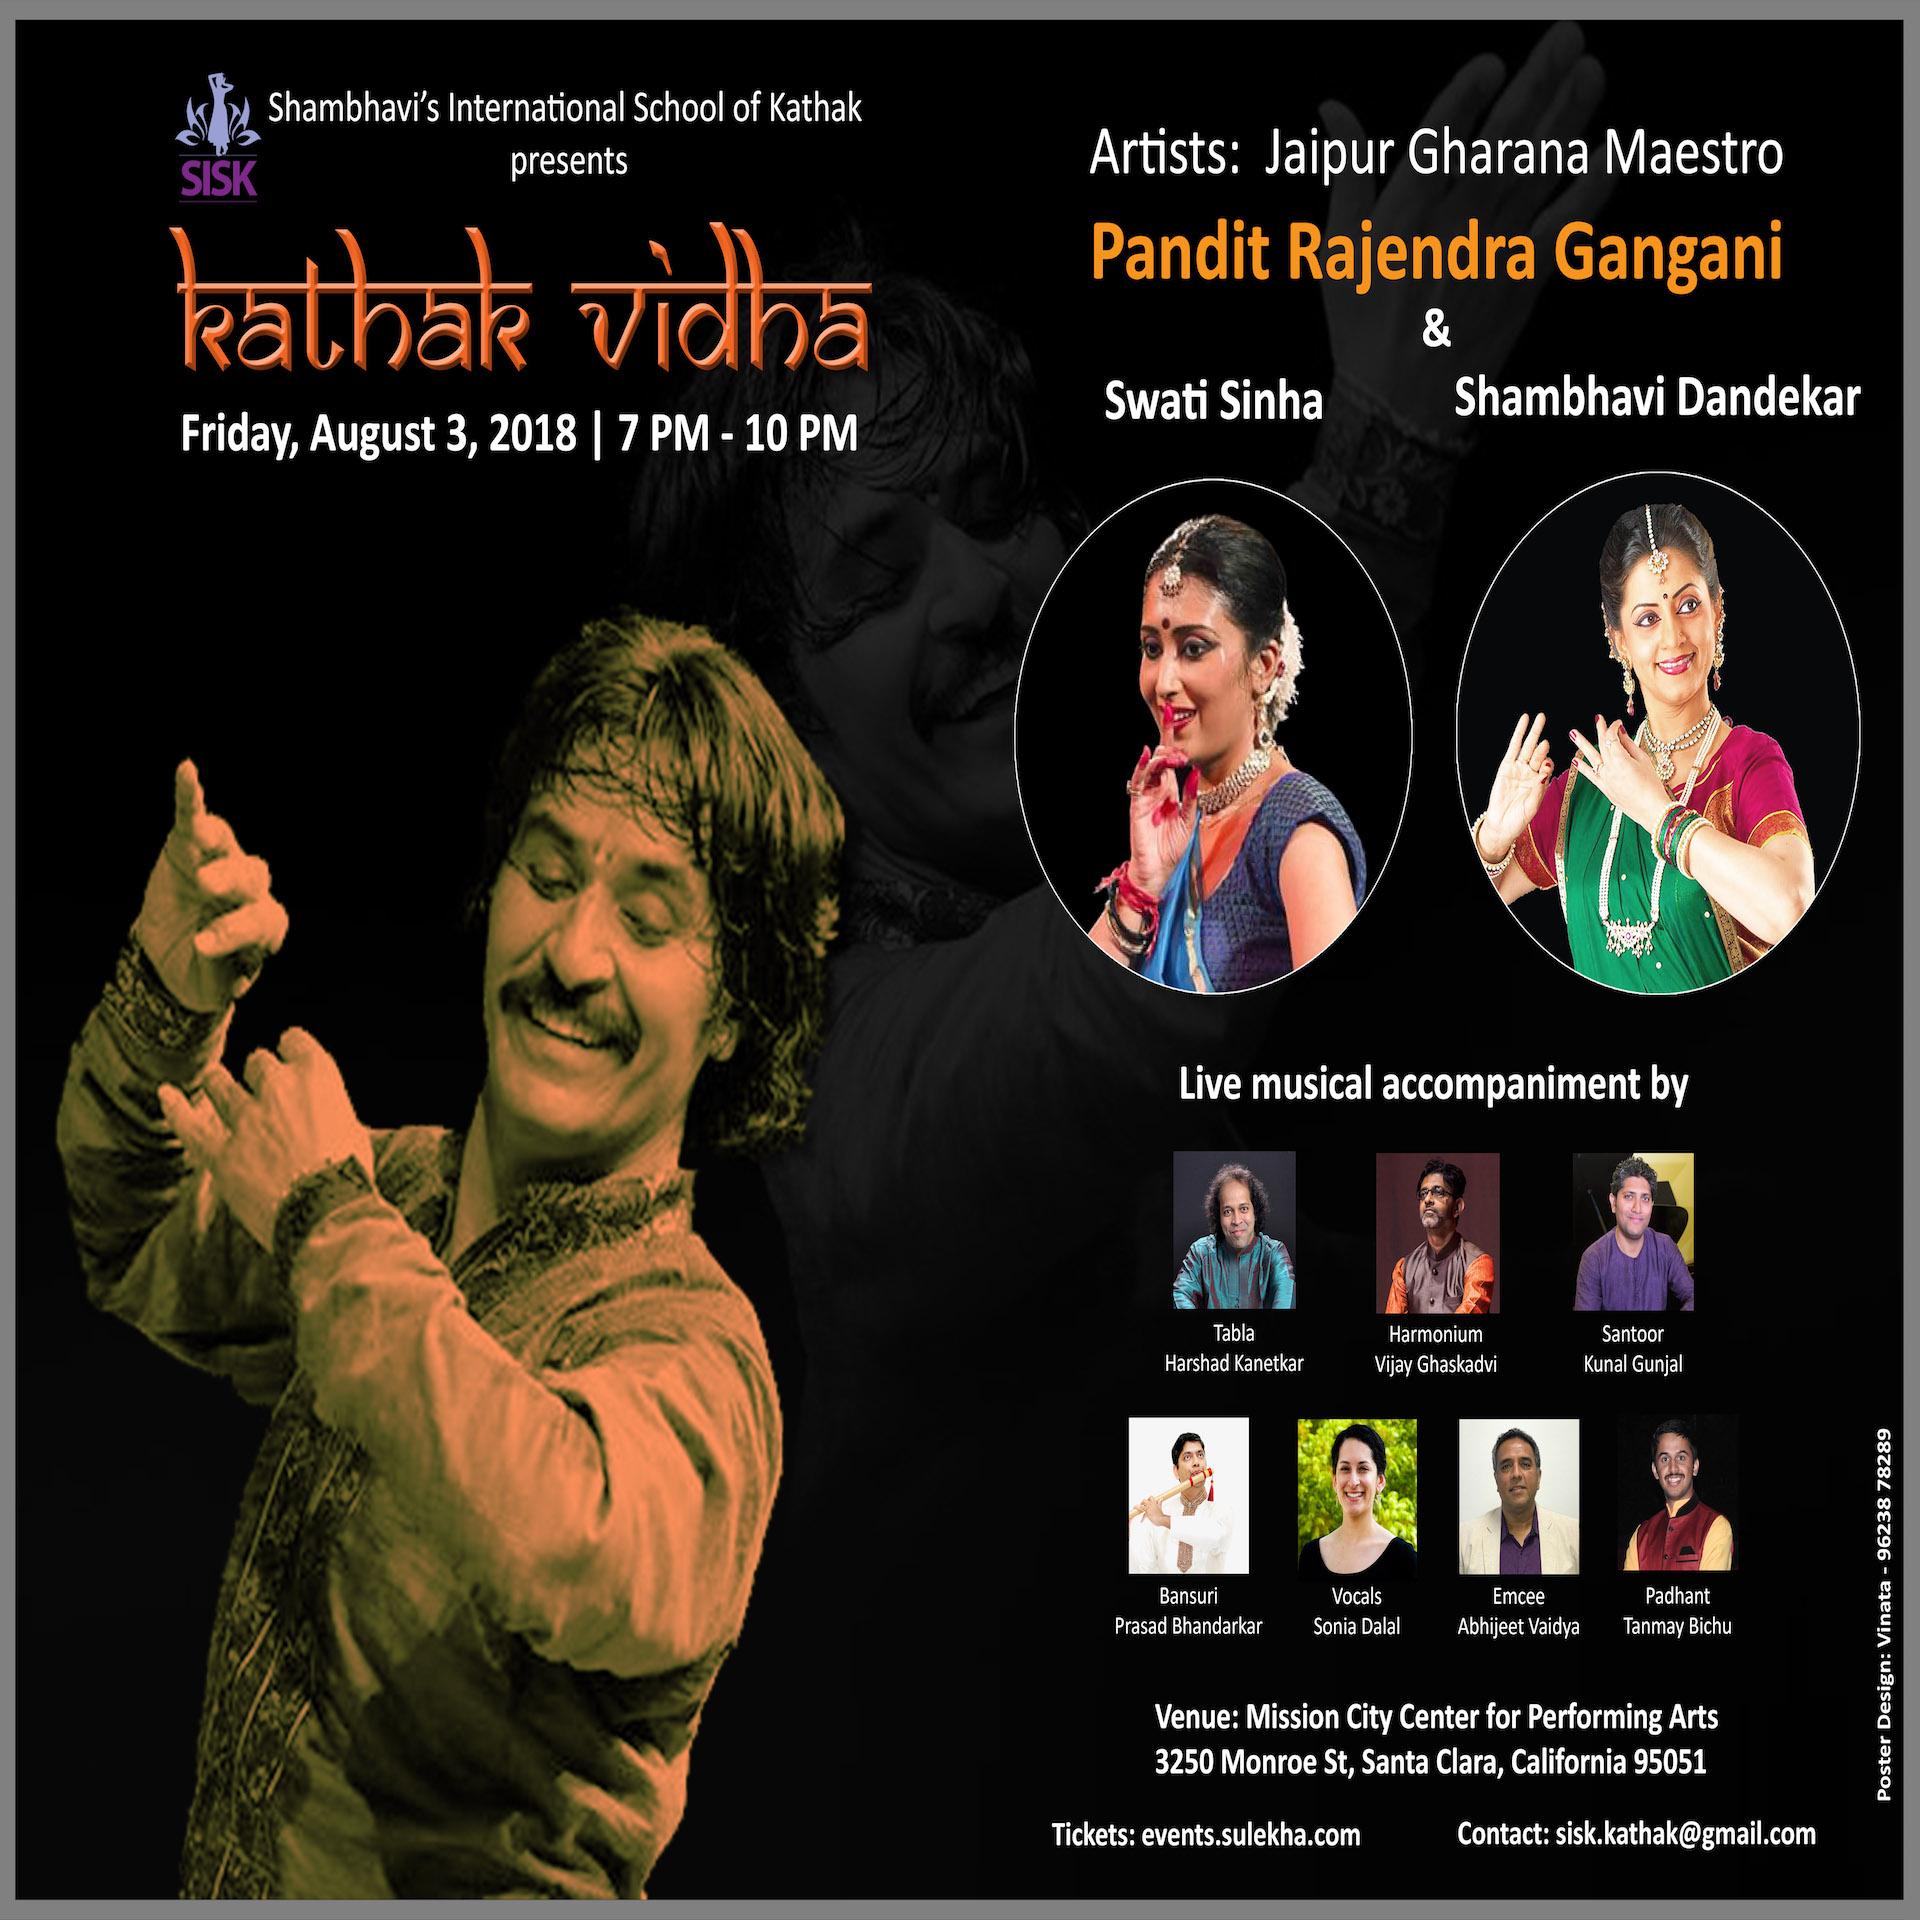 Kathak Vidha